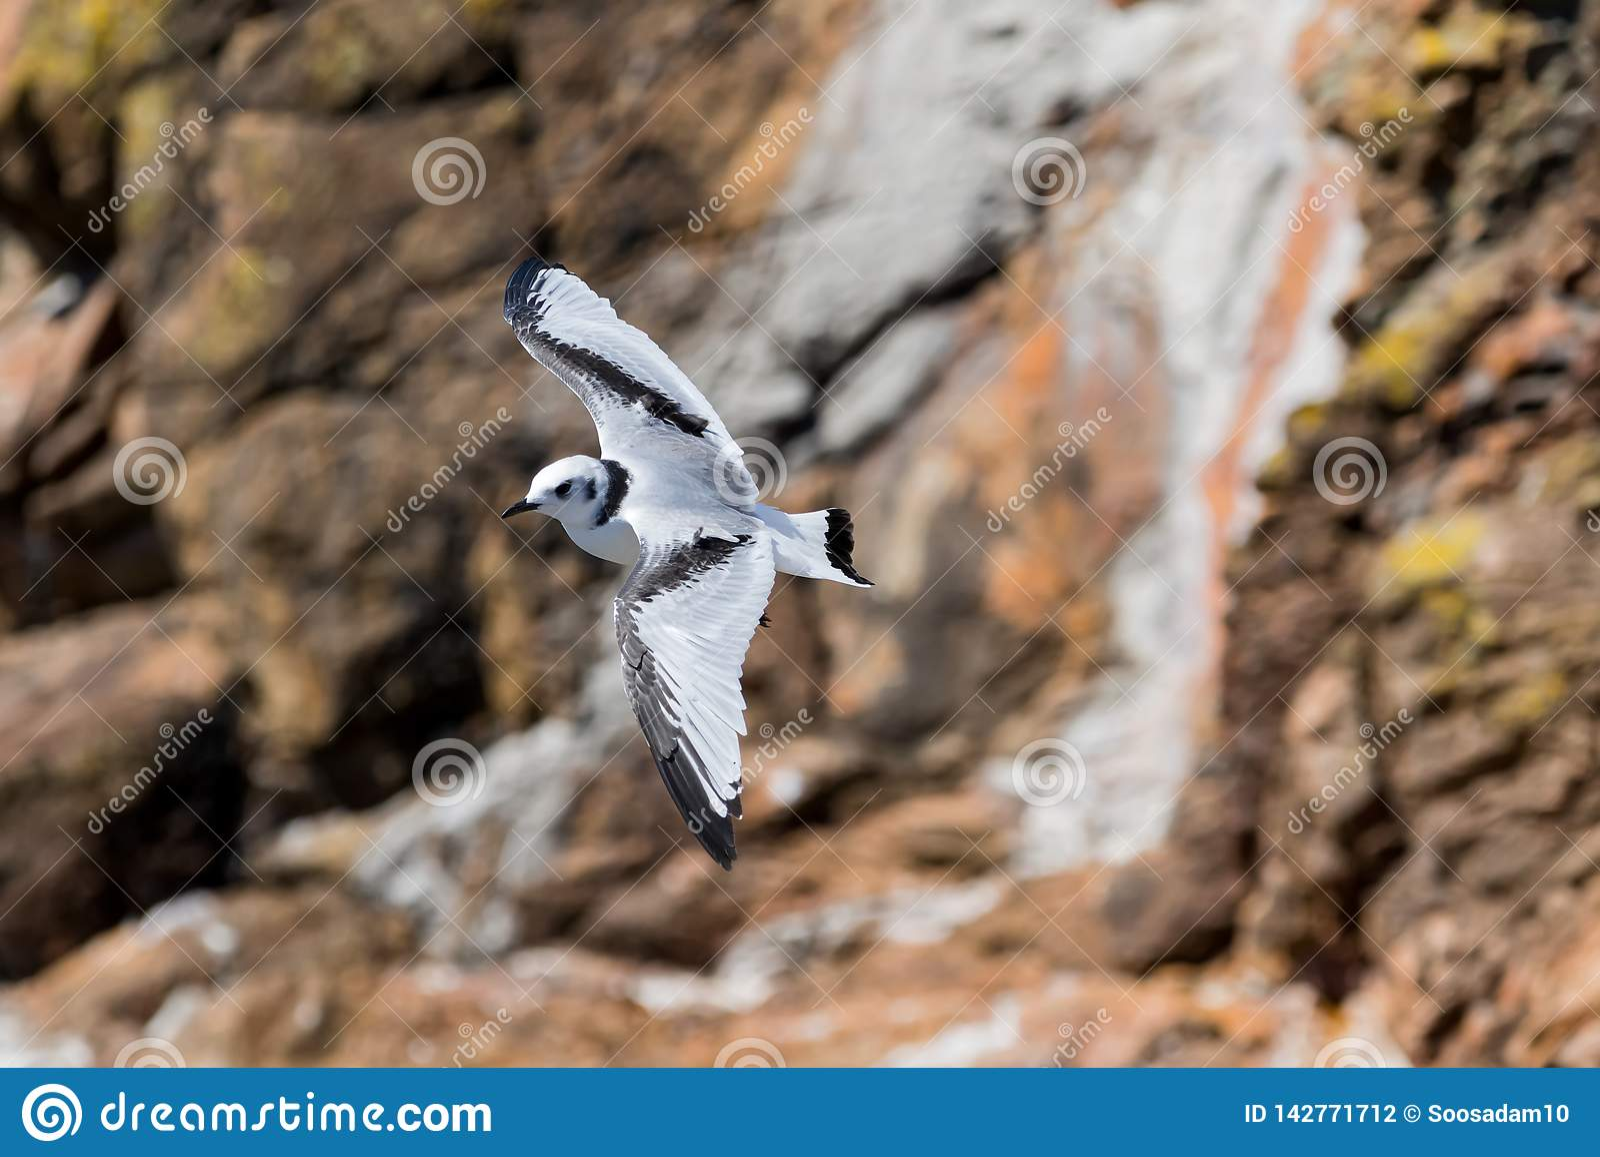 Black-legged kittiwake Rissa tridactyla flying over